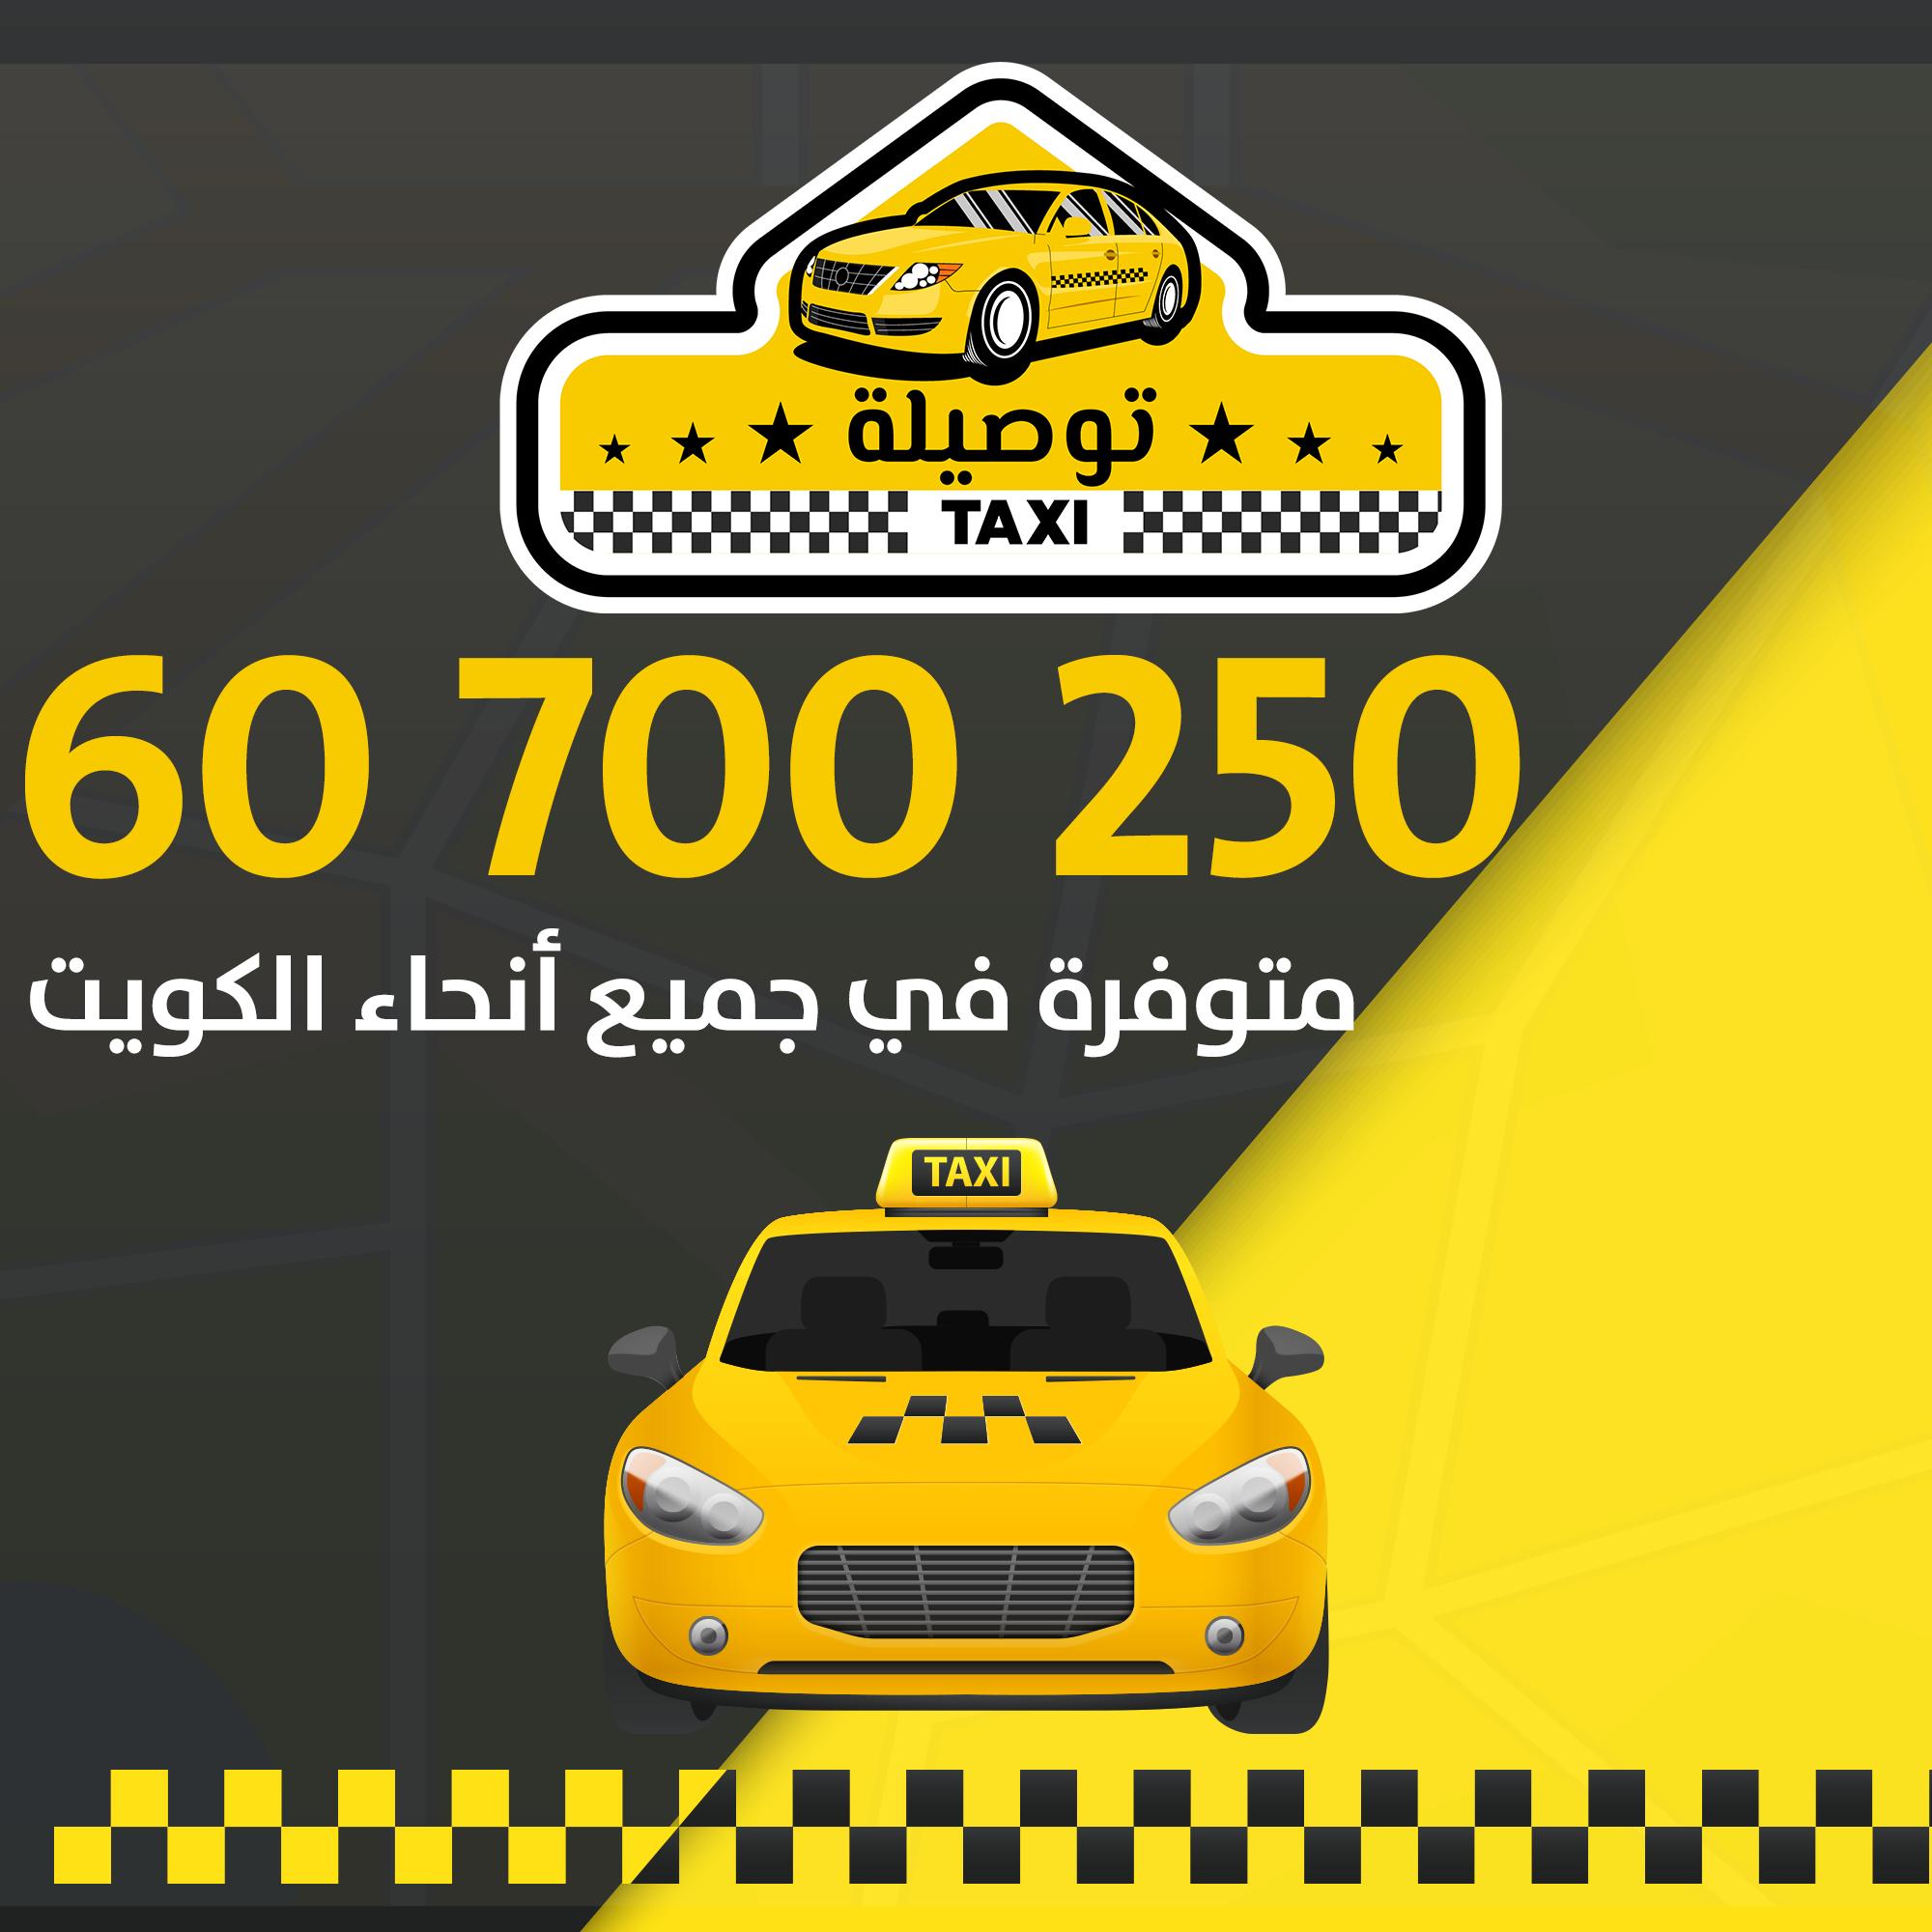 تاكسي توصيلة في شارع ابراهيم بن الأغلب